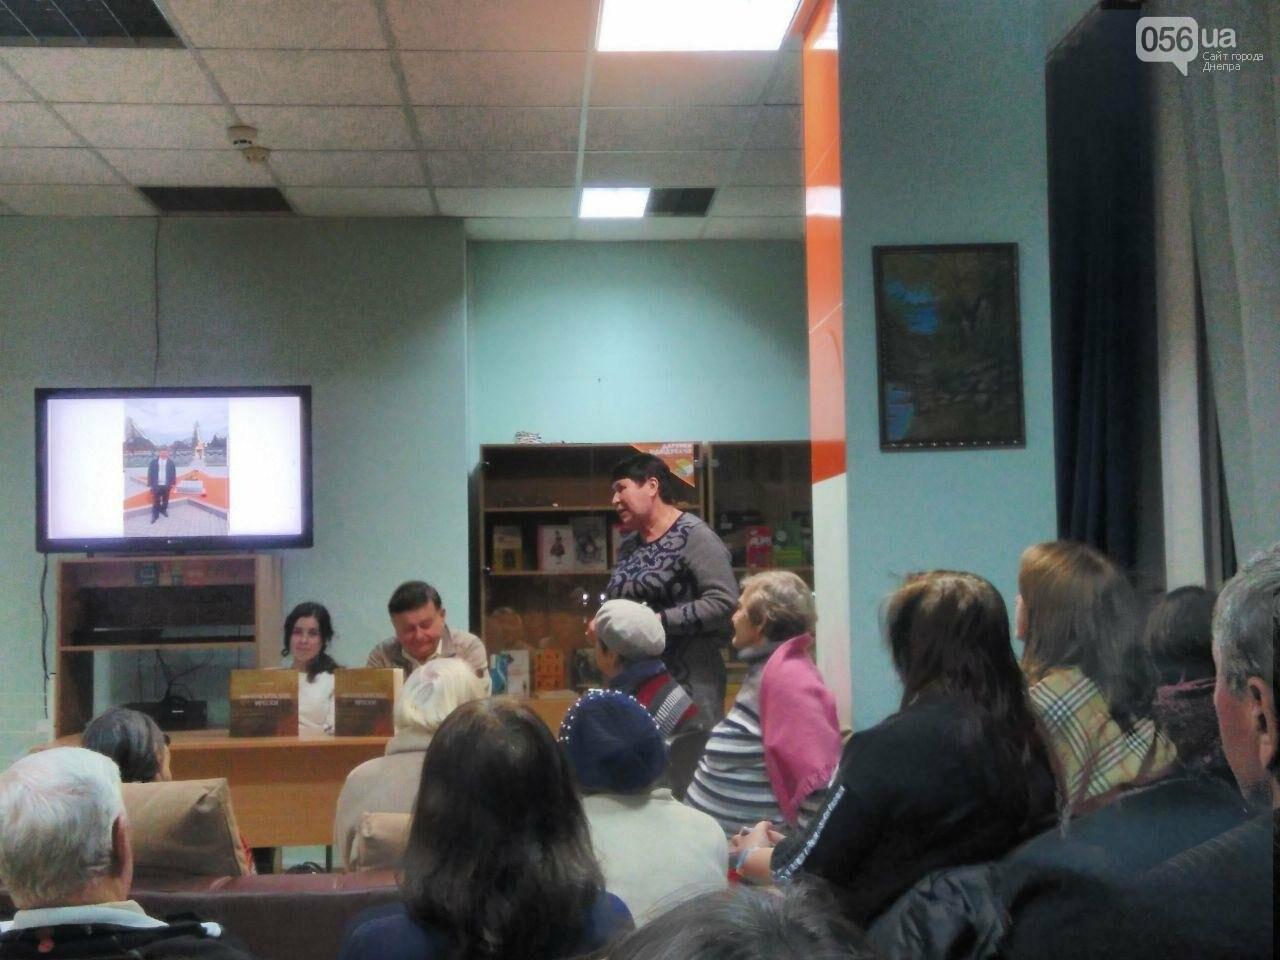 В Днепре презентовали книгу, посвященную местной деревне, - ФОТО, фото-1